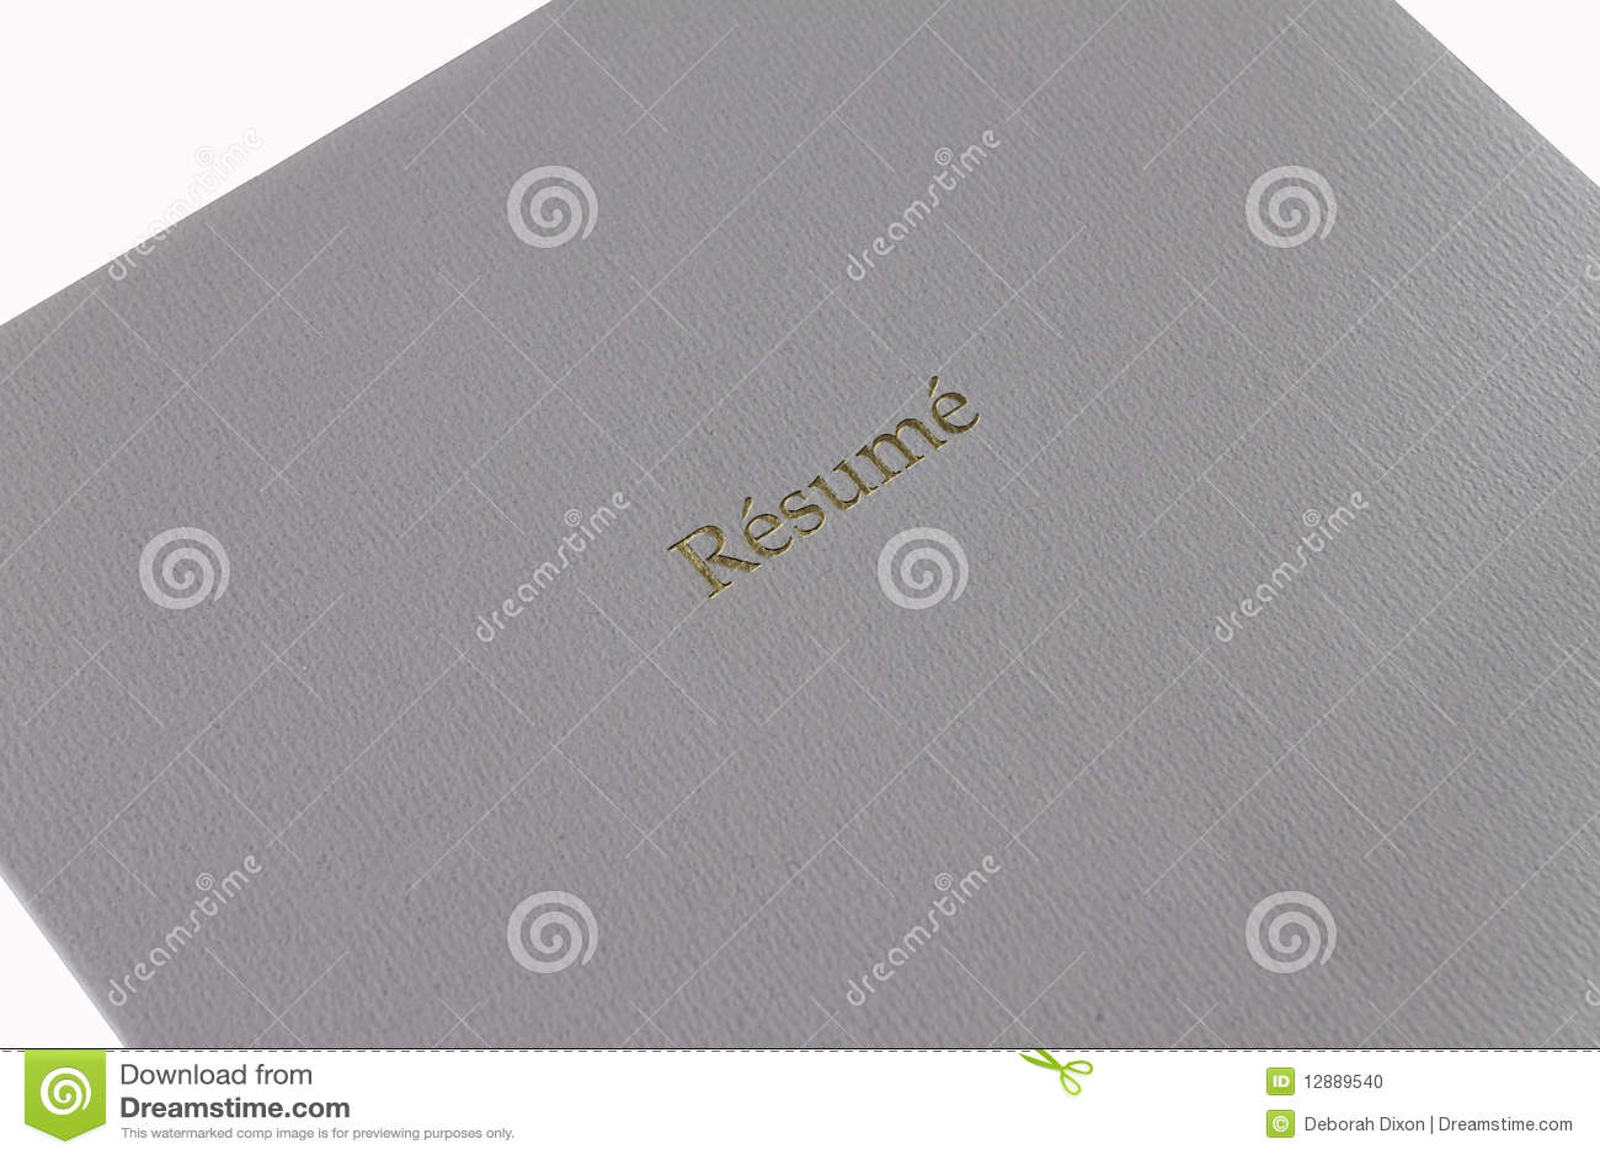 gsm Art Paper A Size Handmade Paper